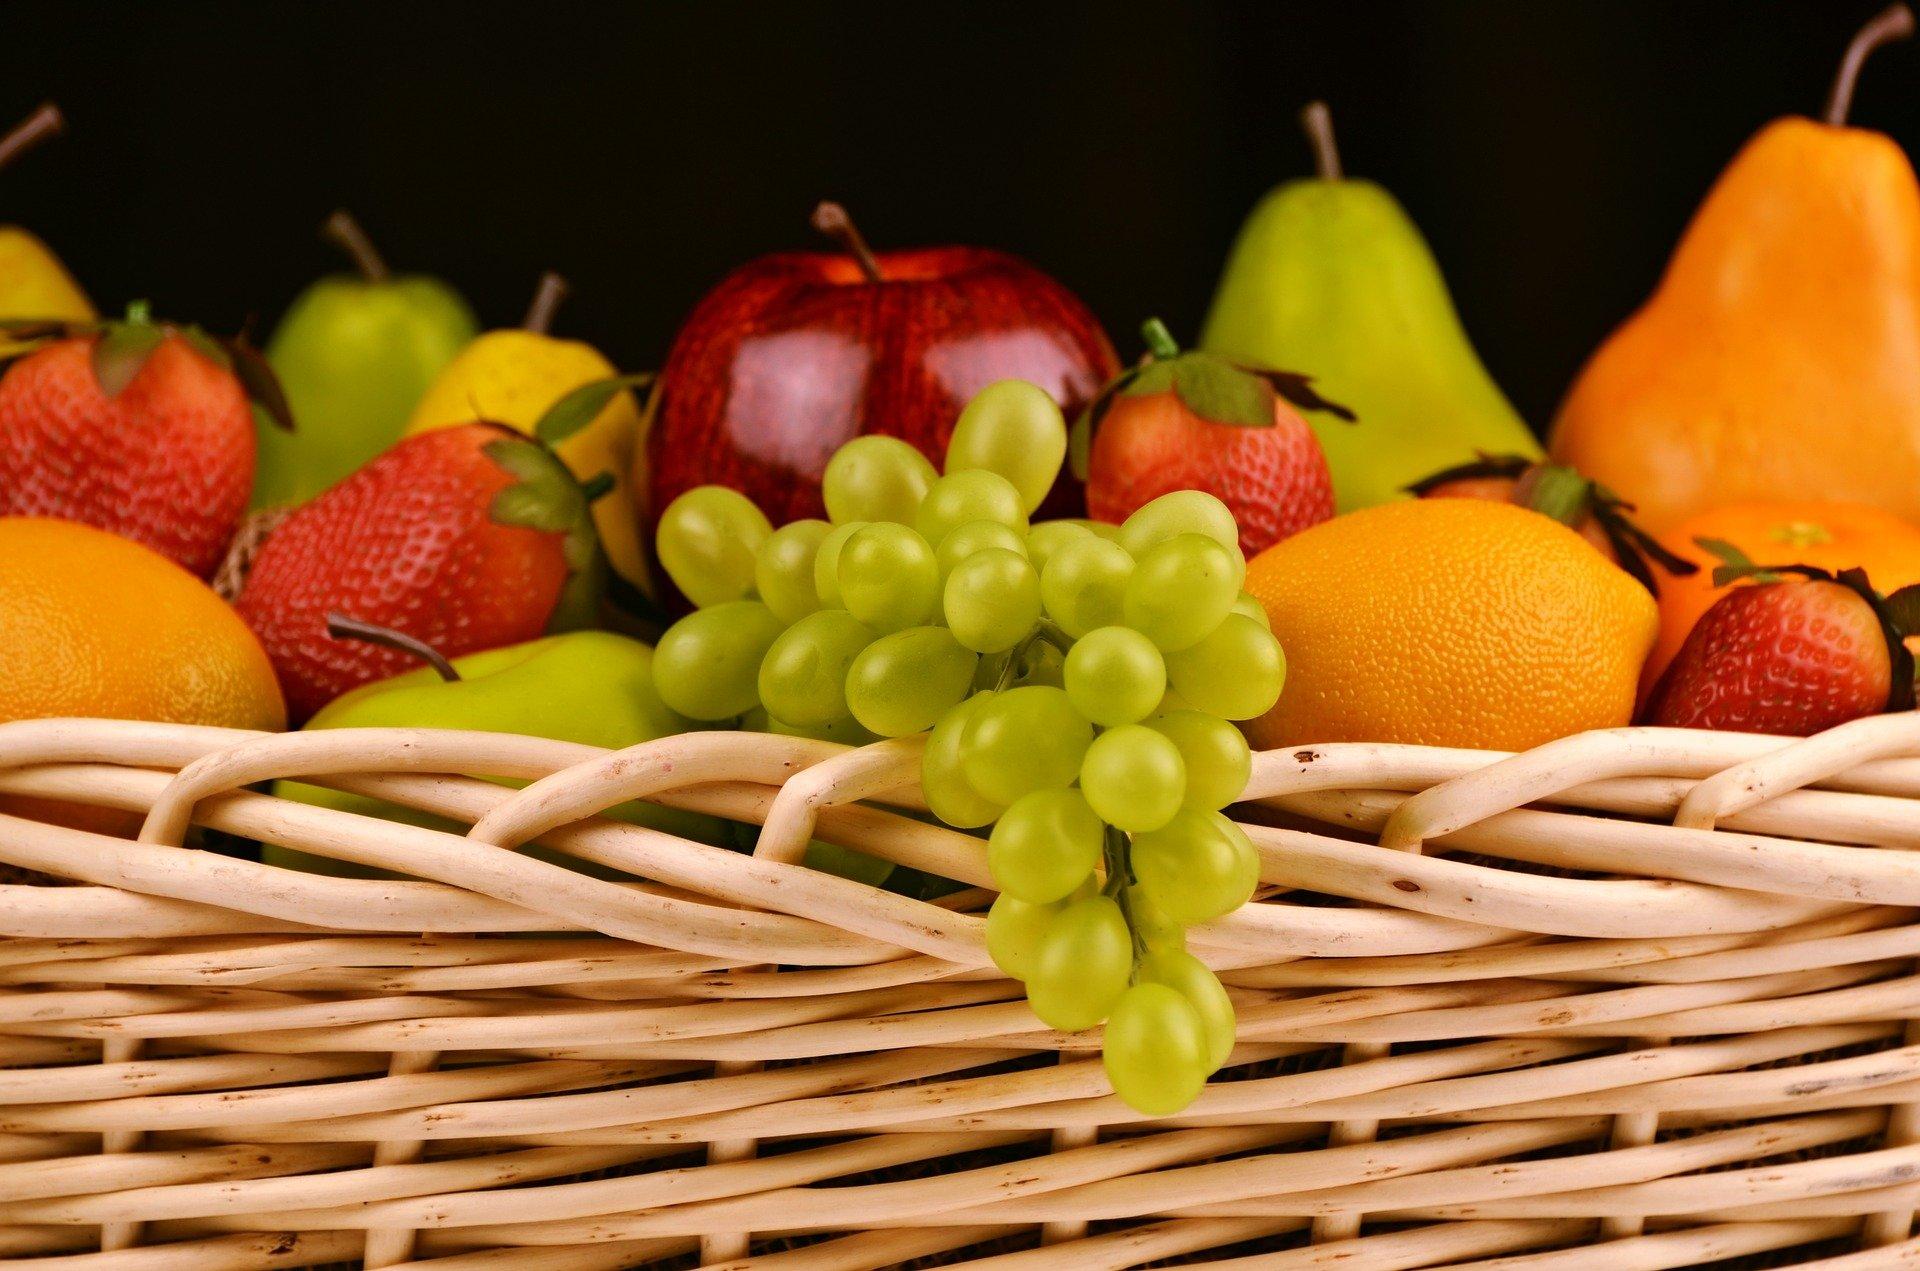 Самые полезные фрукты для детей и взрослых